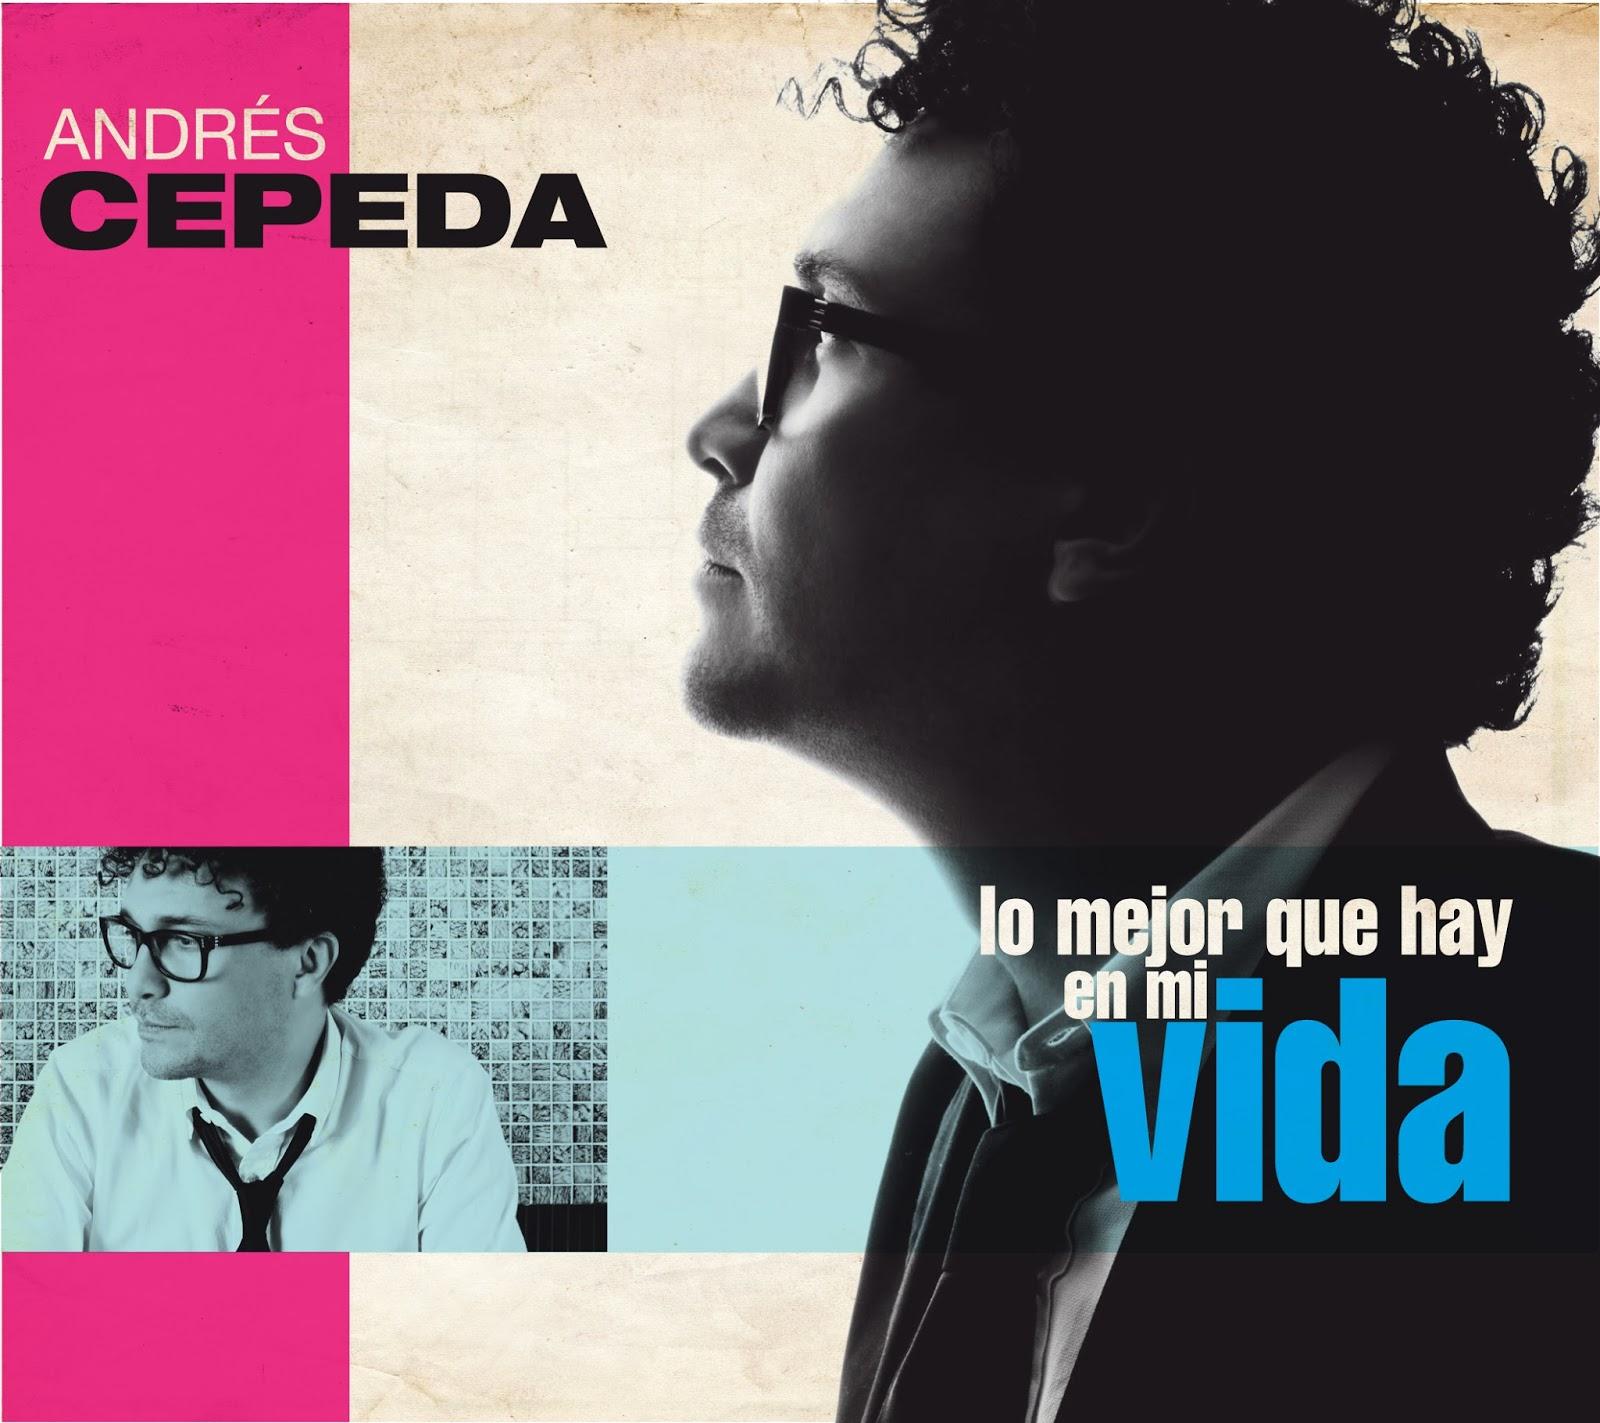 Andrés Cepeda - Corre Tiempo